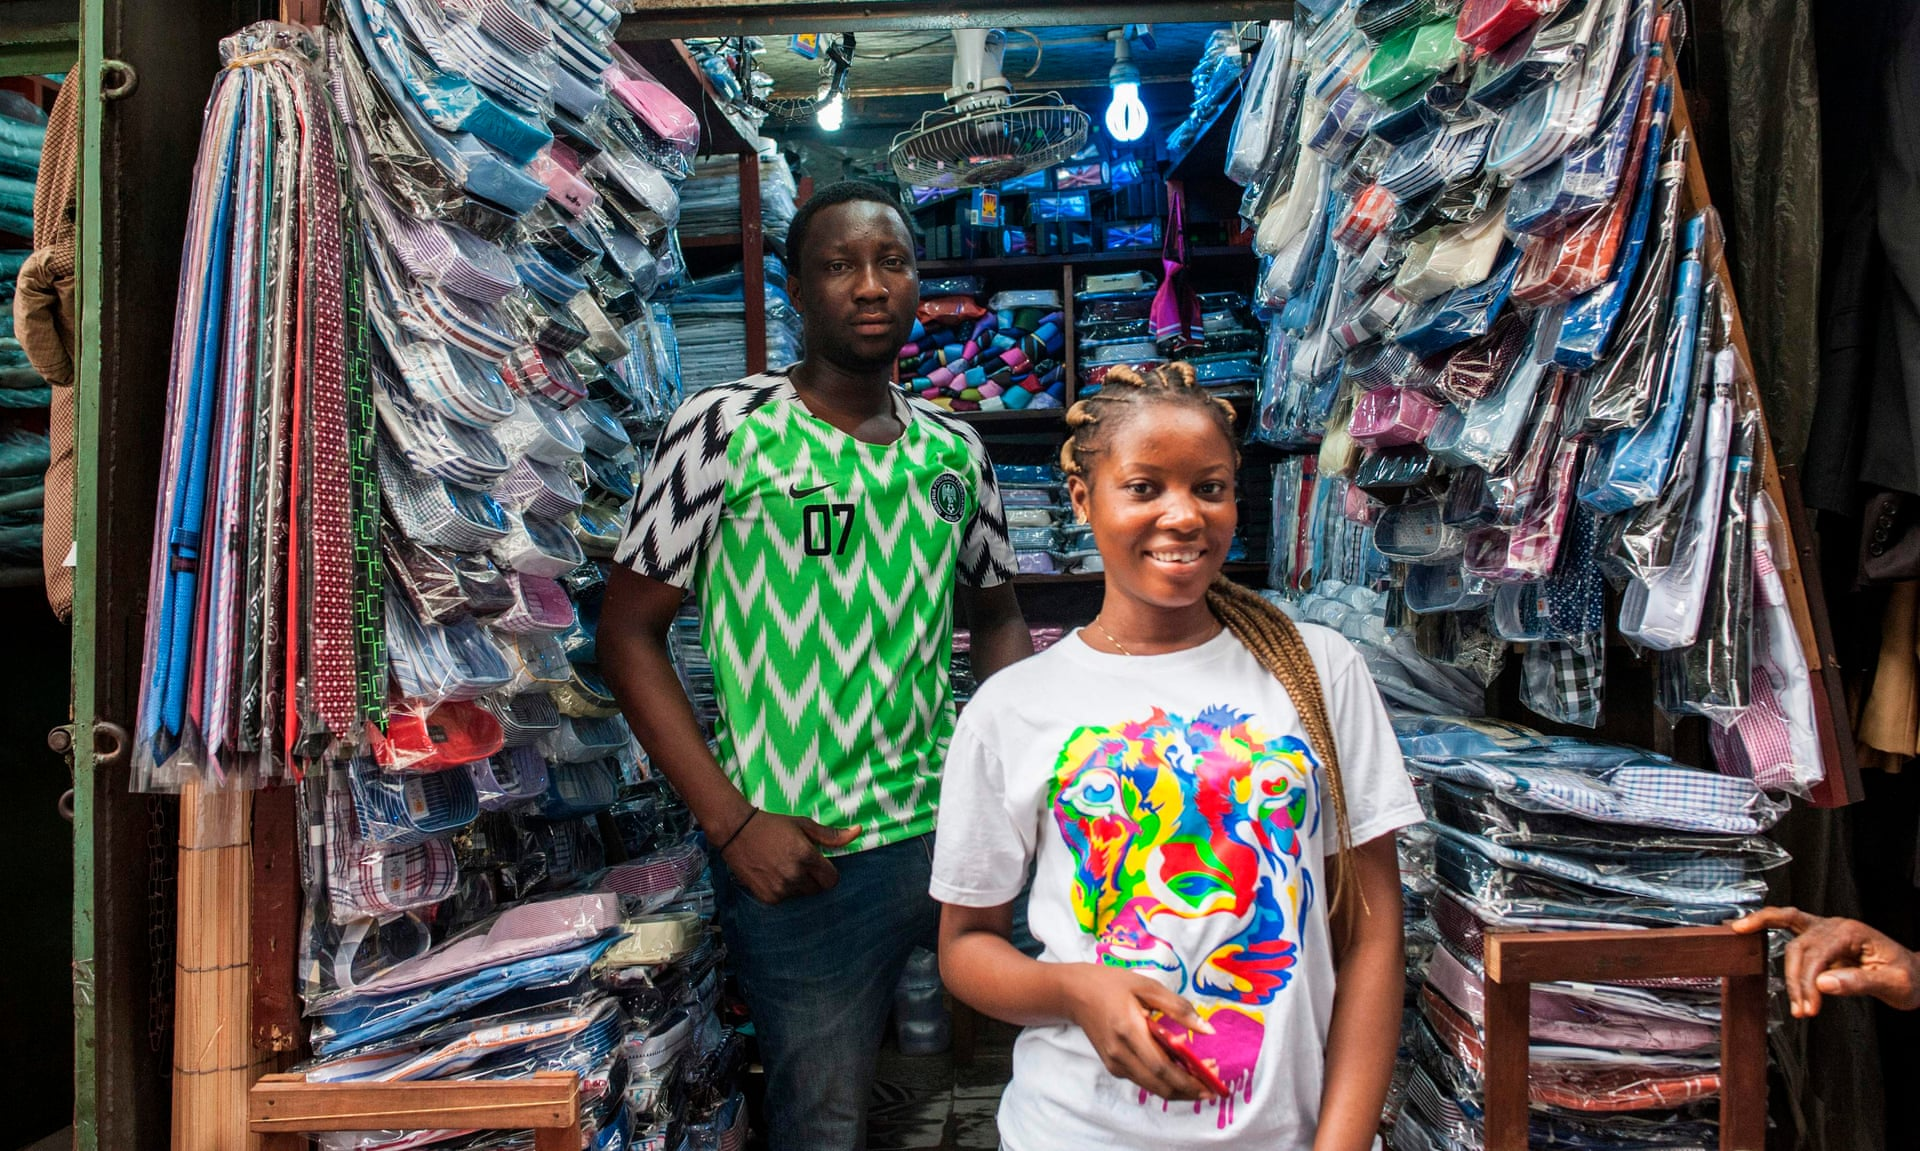 非洲人也许很穷,但他们为何如此快乐?